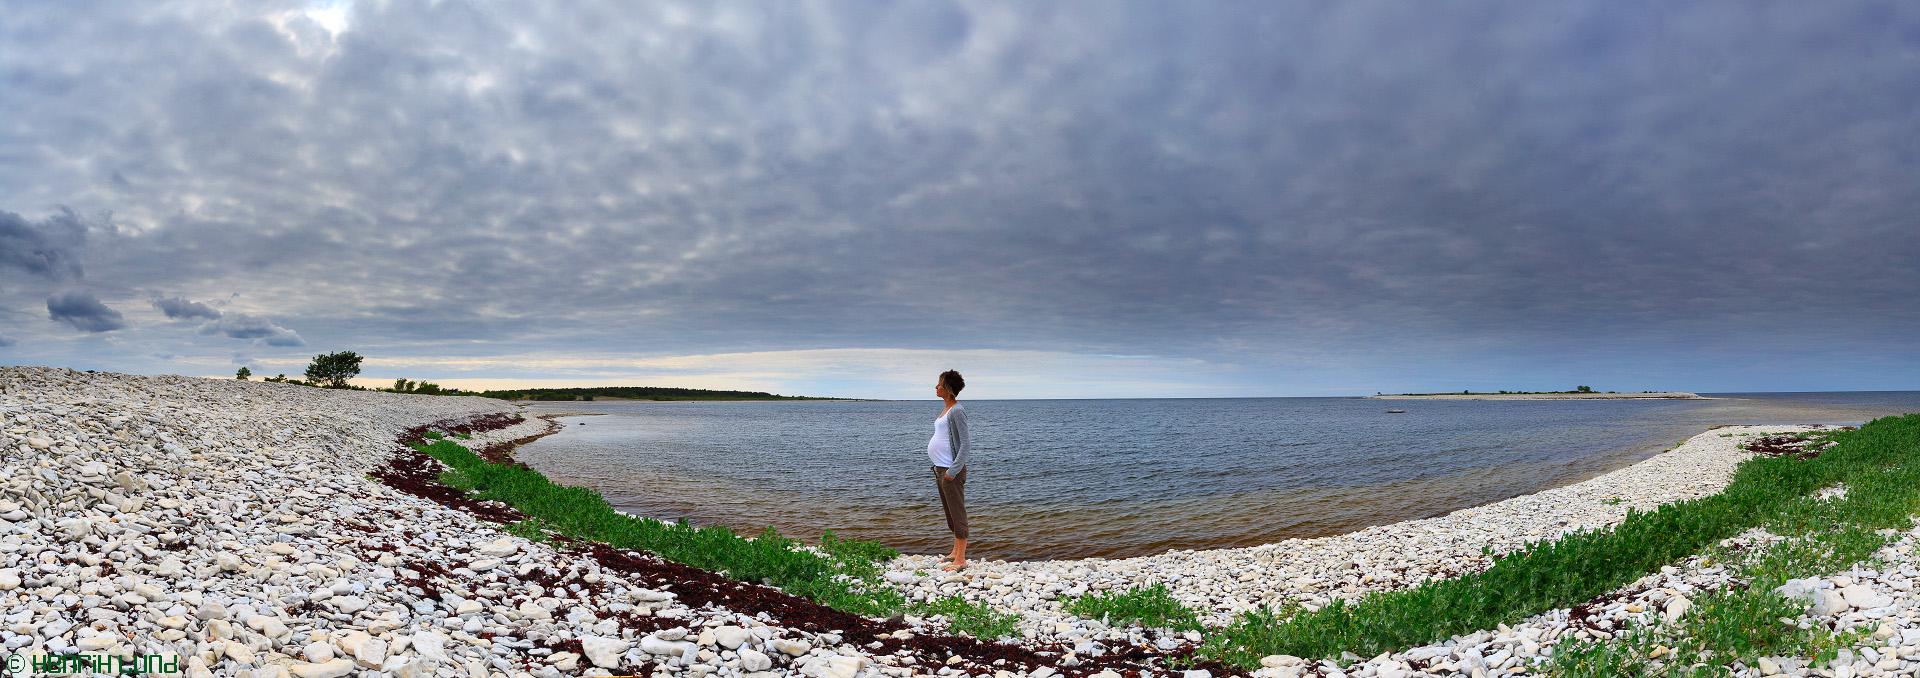 Waiting, Ar, Gotland, Sweden, July 2013.